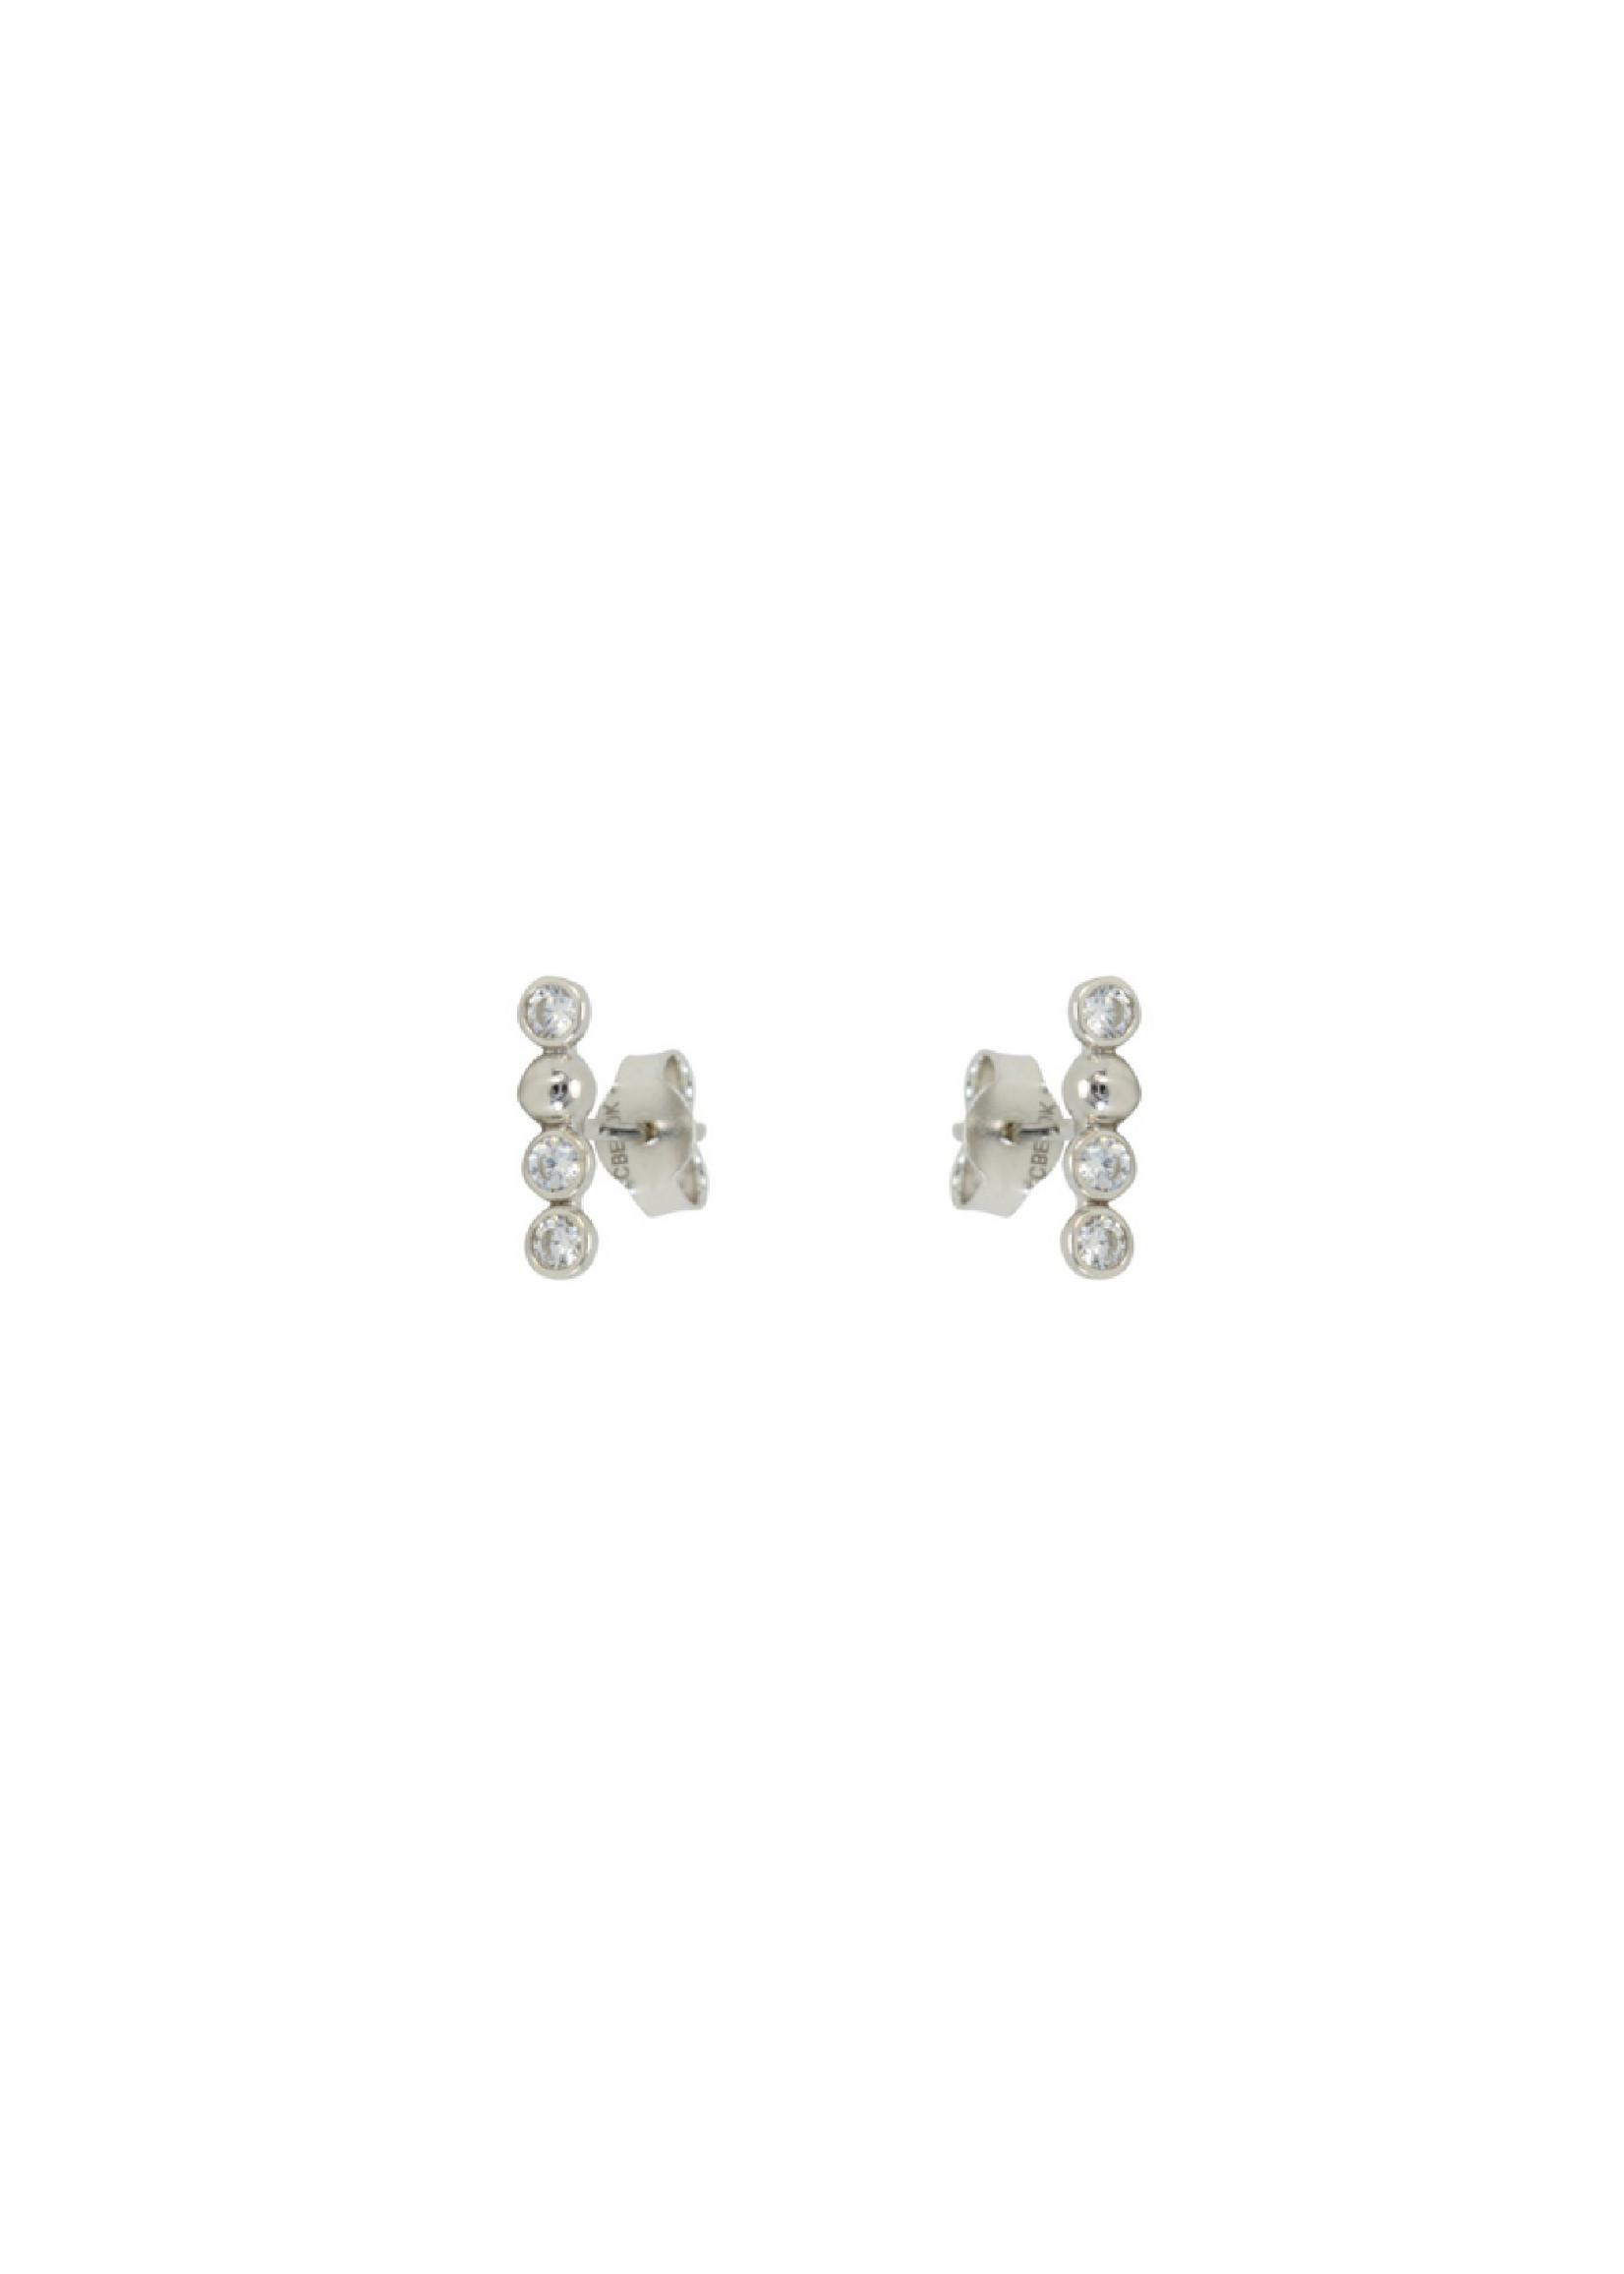 Boucles d'oreilles Stud avec boules Or blanc 10K